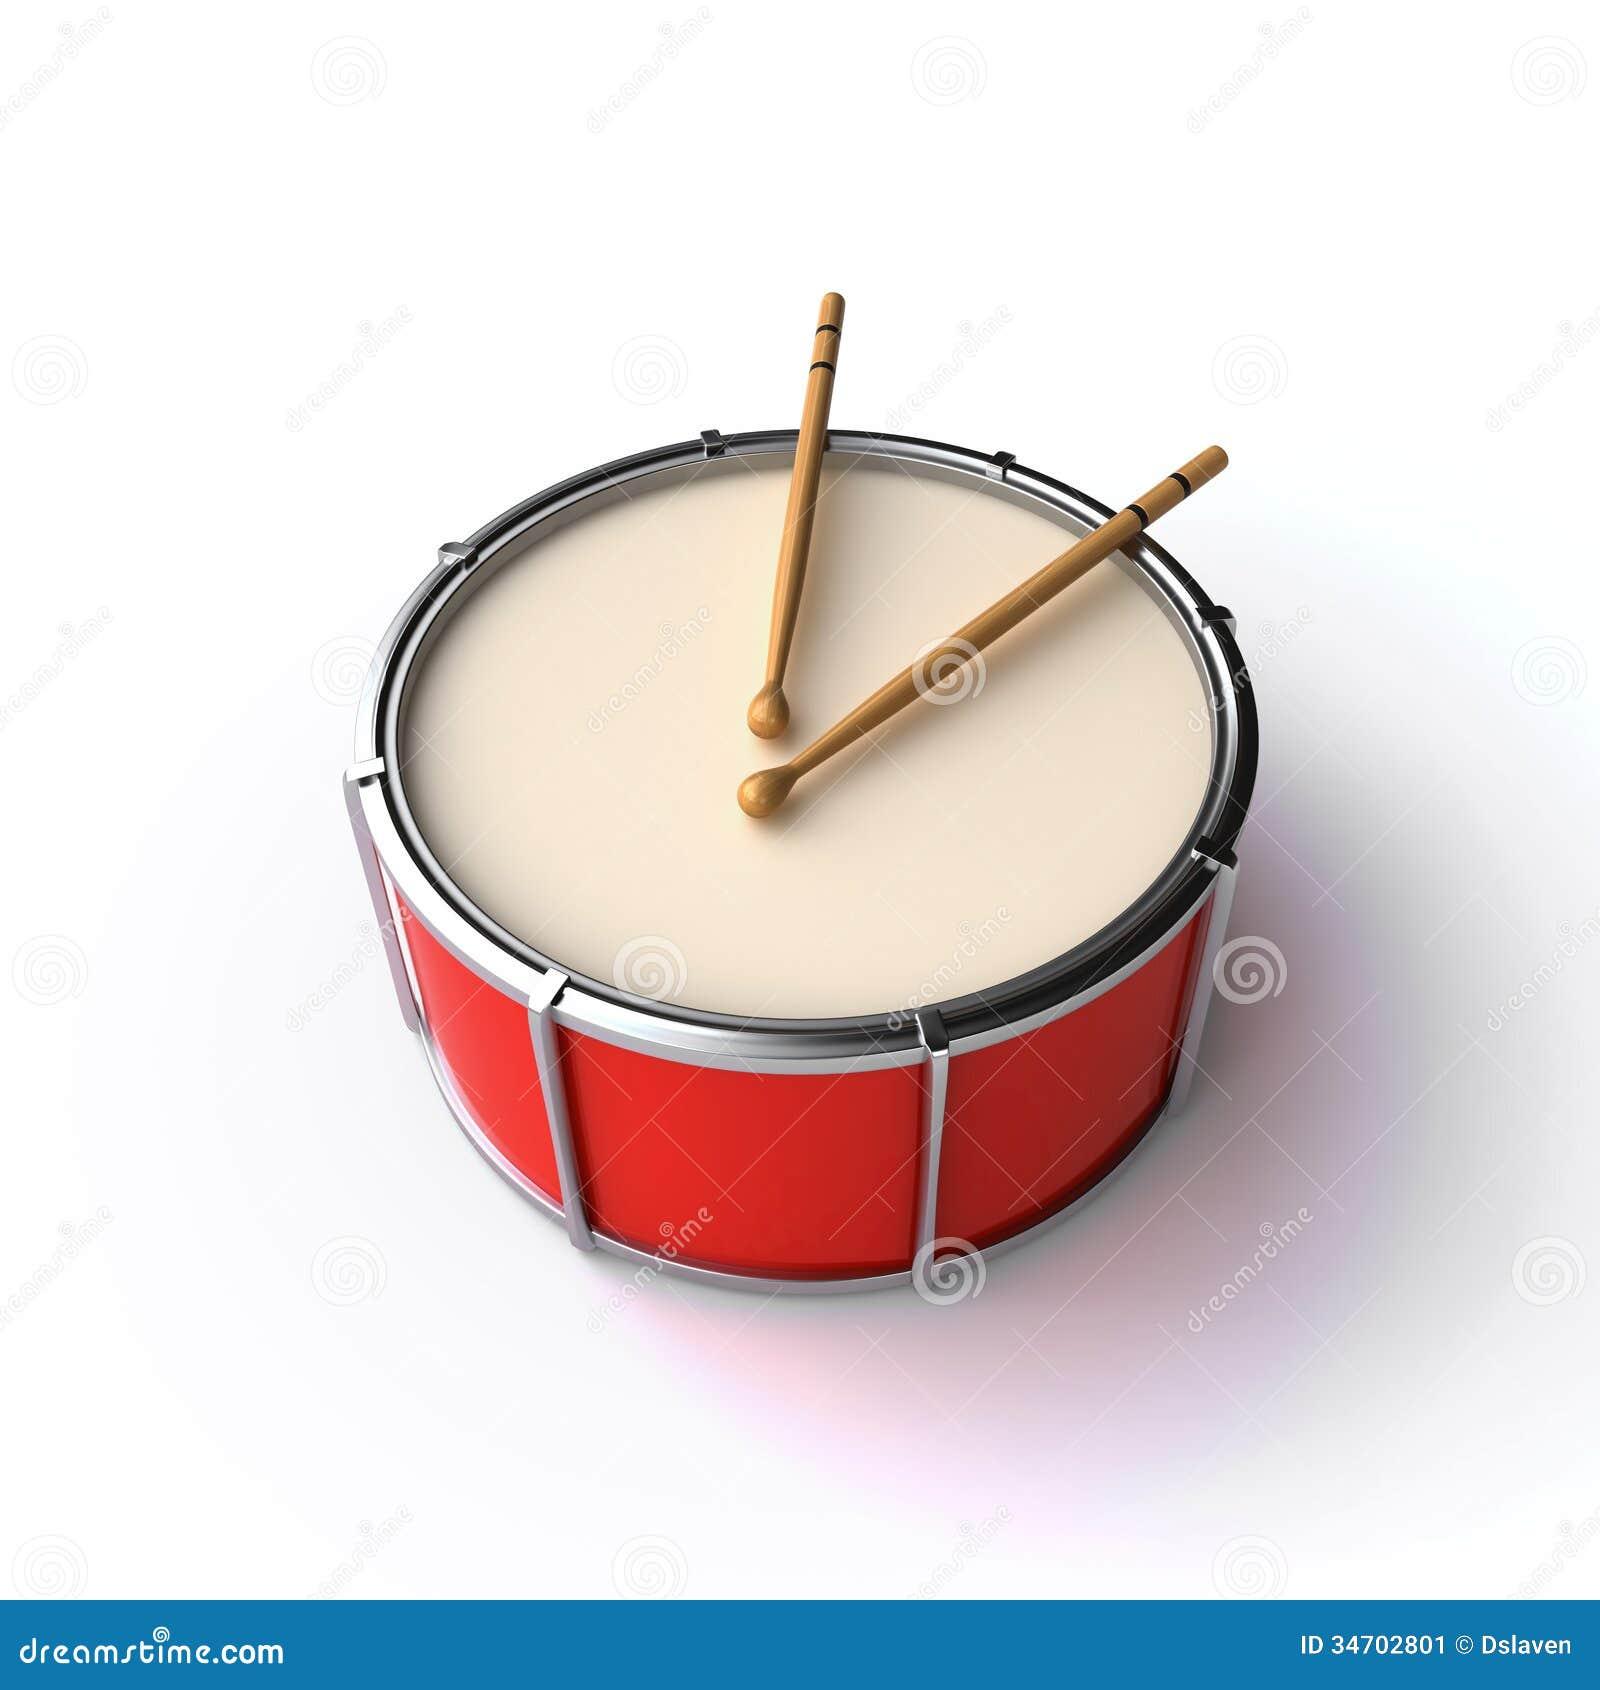 drum and sticks stock illustration illustration of render 34702801. Black Bedroom Furniture Sets. Home Design Ideas